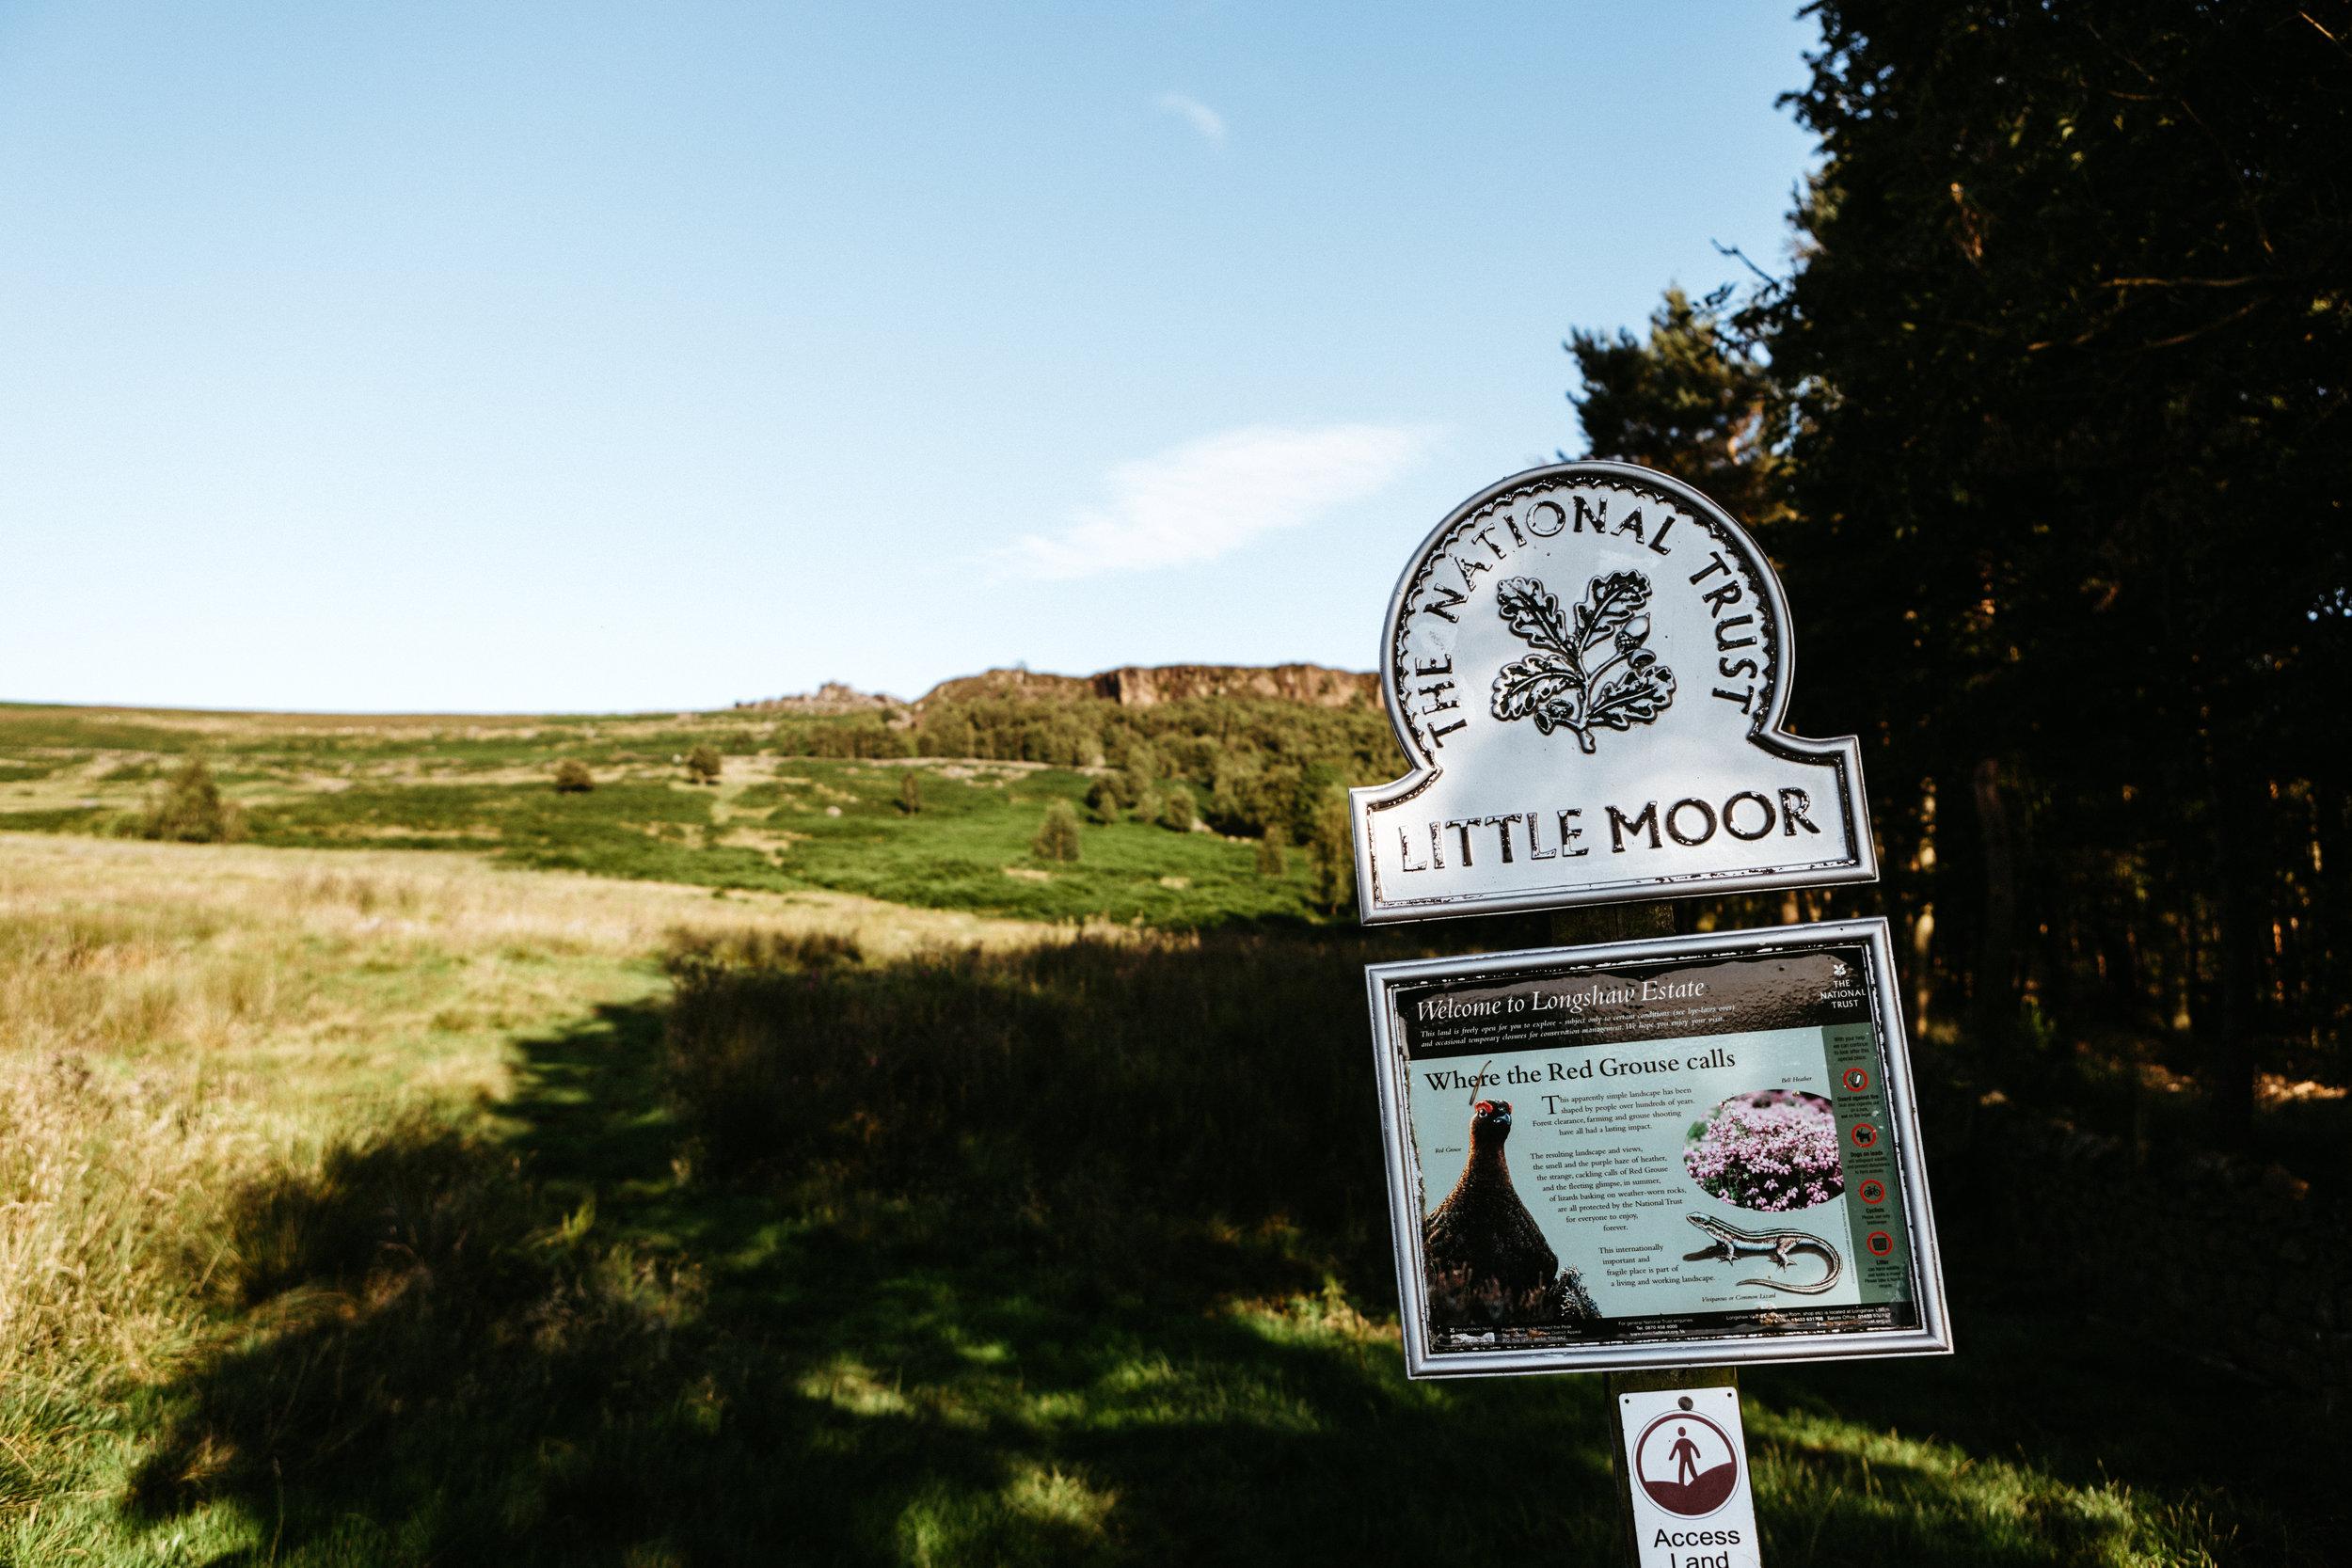 Heading onto Little Moor